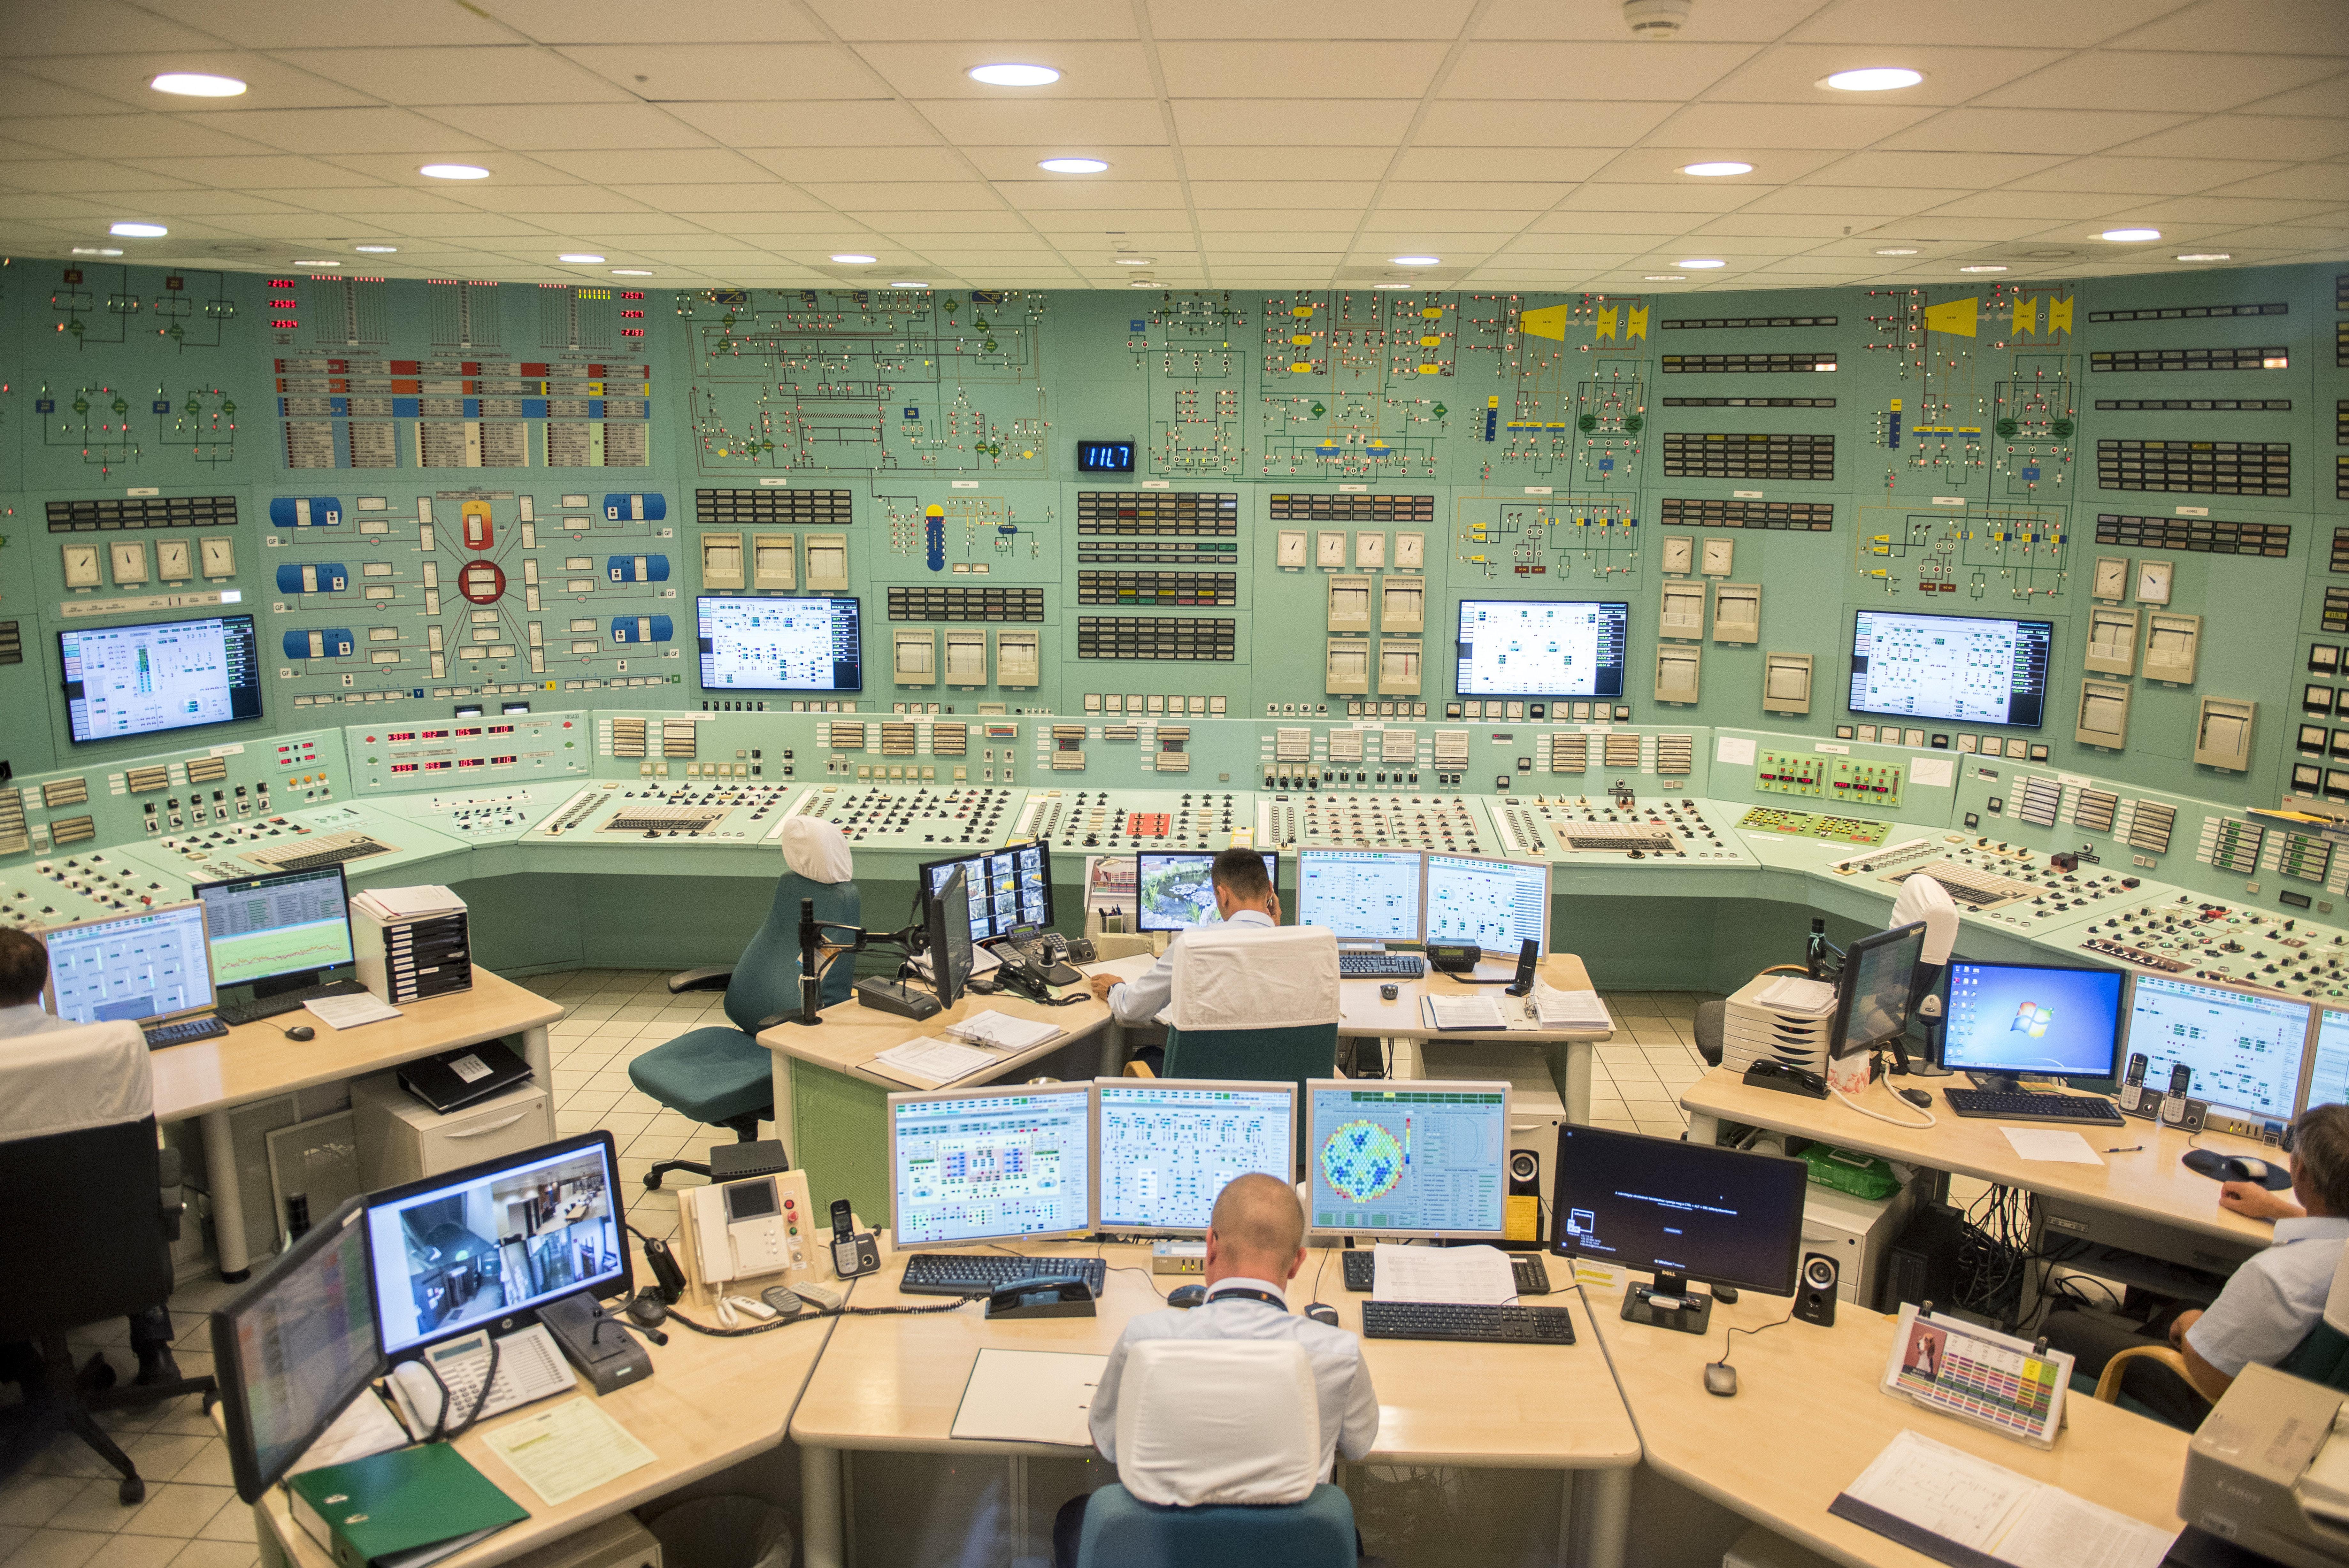 Csütörtökön negyed kettőkor volt a valaha mért legnagyobb áramfogyasztás Magyarországon